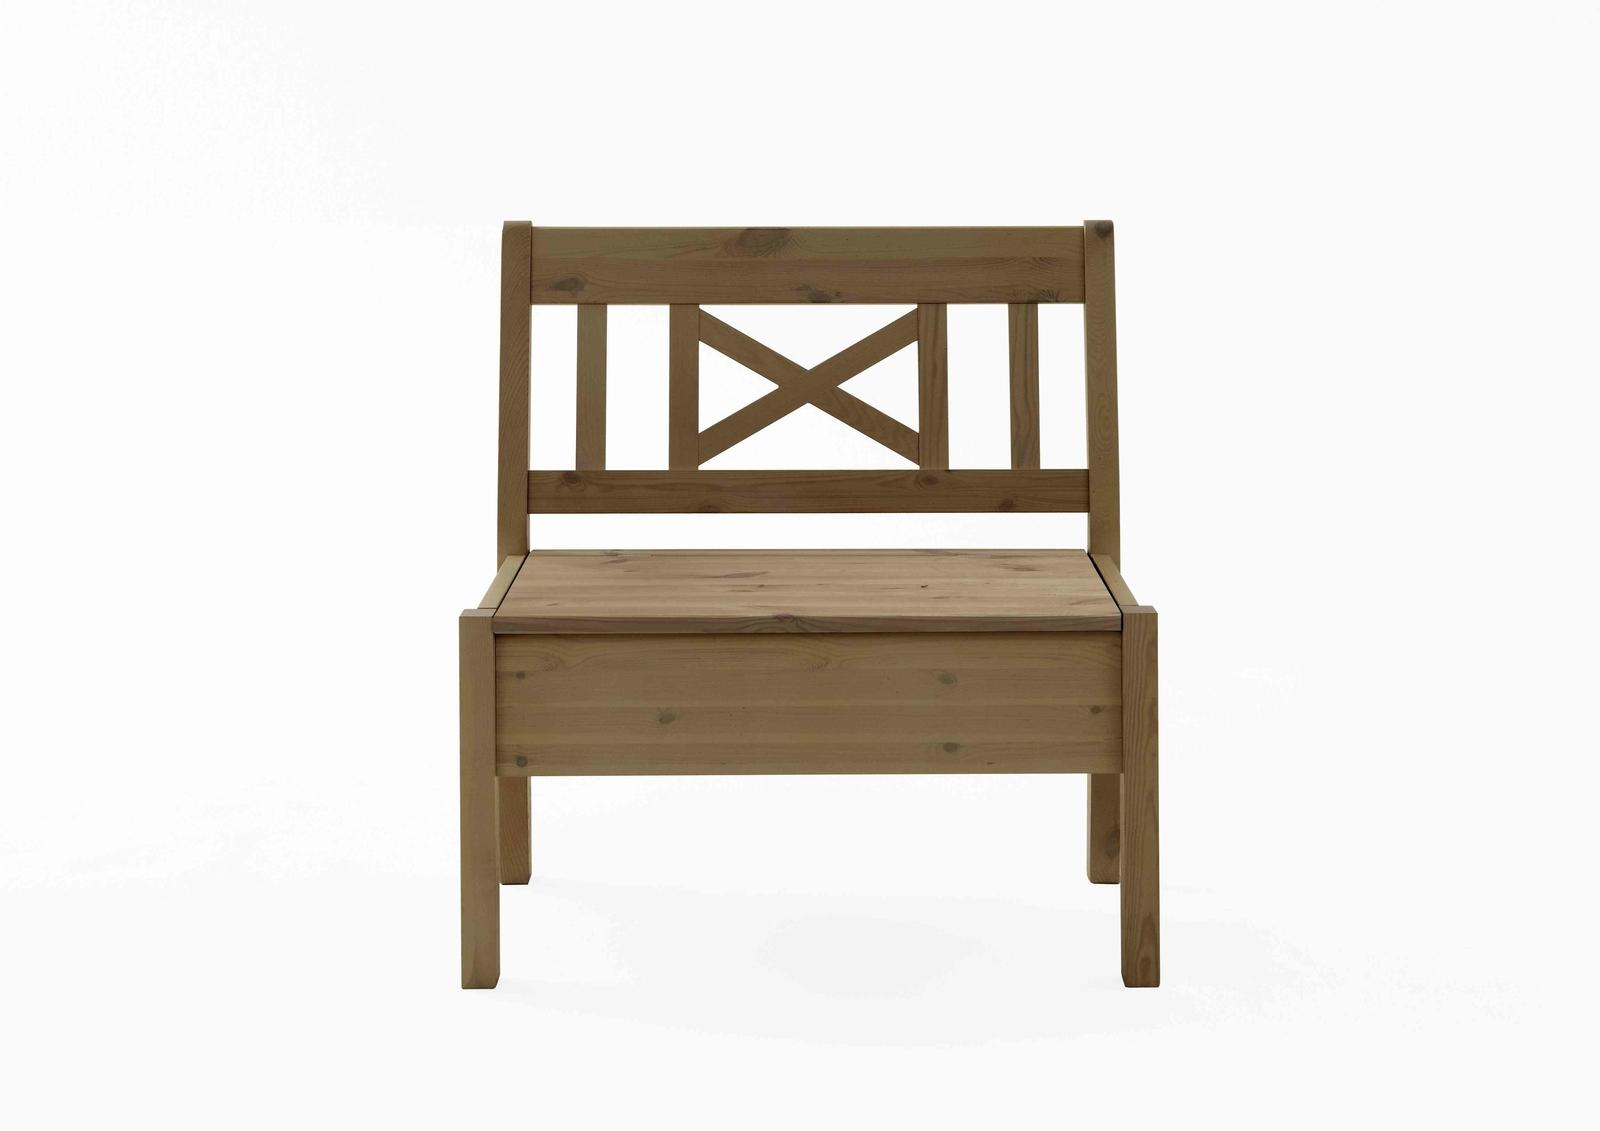 Sitzbank Fjord 82cm ohne Armlehnen, Bild 2